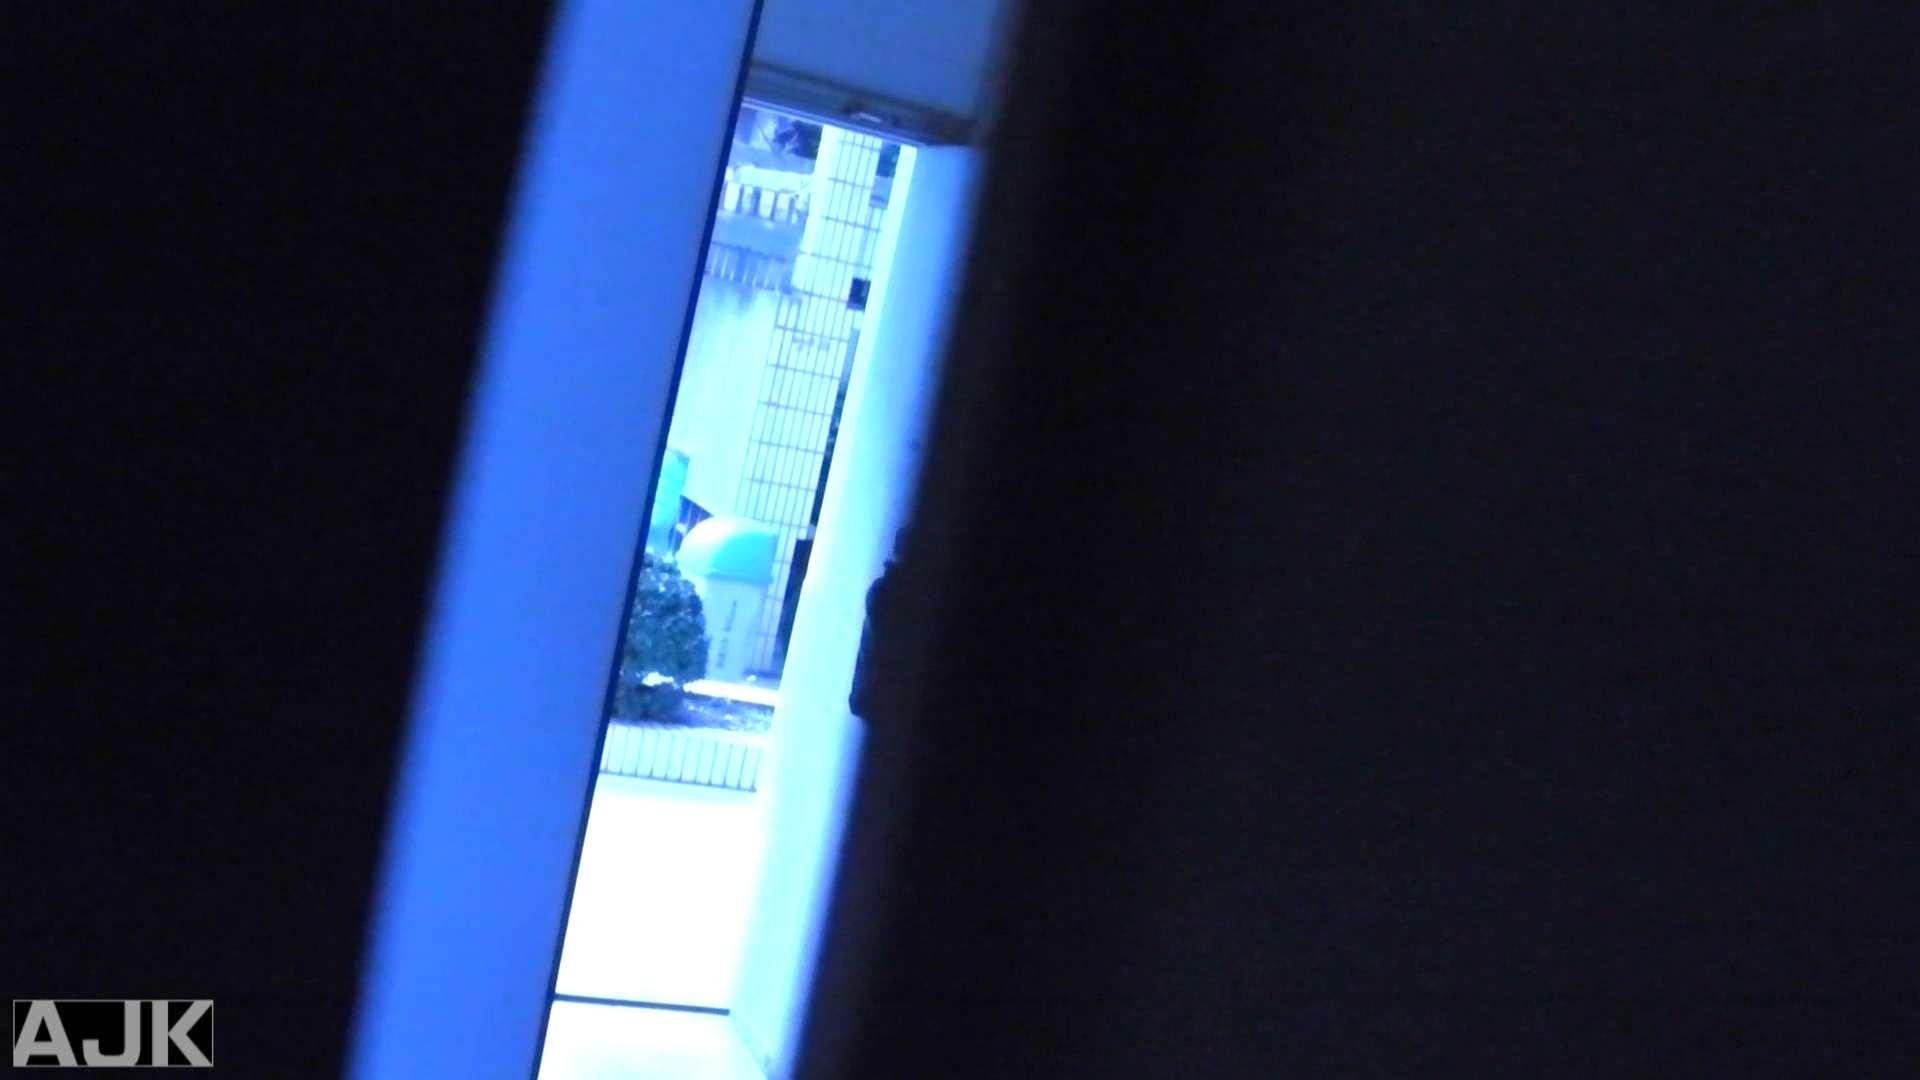 隣国上階級エリアの令嬢たちが集うデパートお手洗い Vol.07 便器  48画像 33